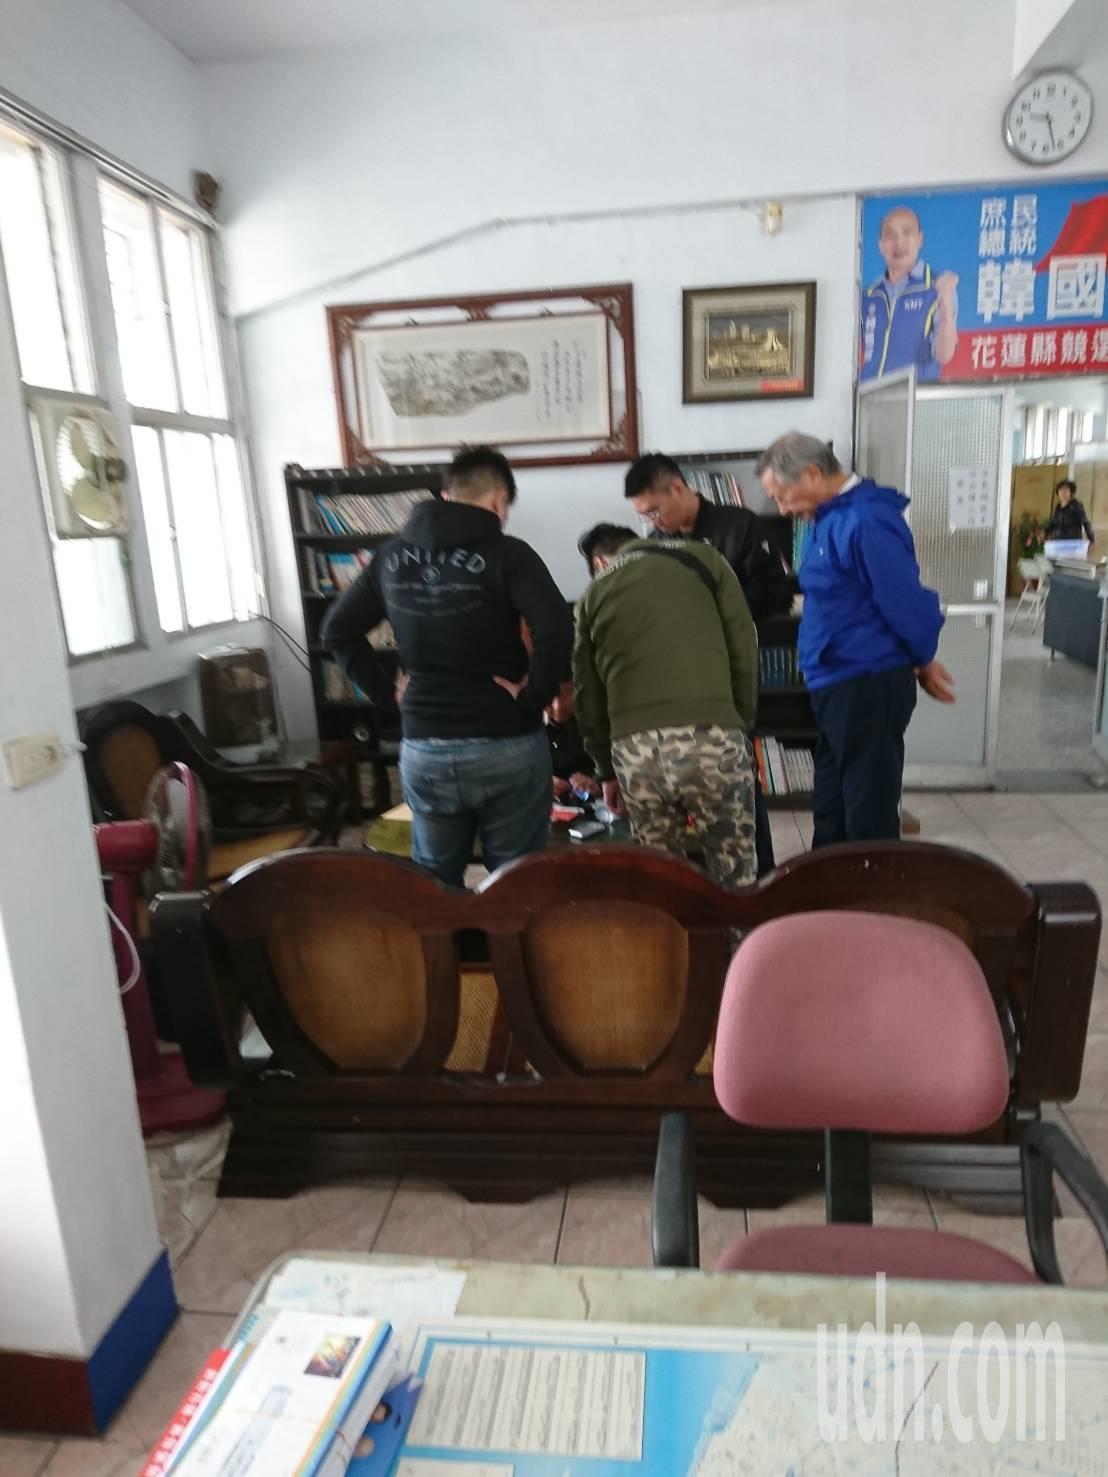 國民黨花蓮縣黨部一樓的民眾服務社,今天有黑衣人遭警方帶走。記者王燕華/翻攝